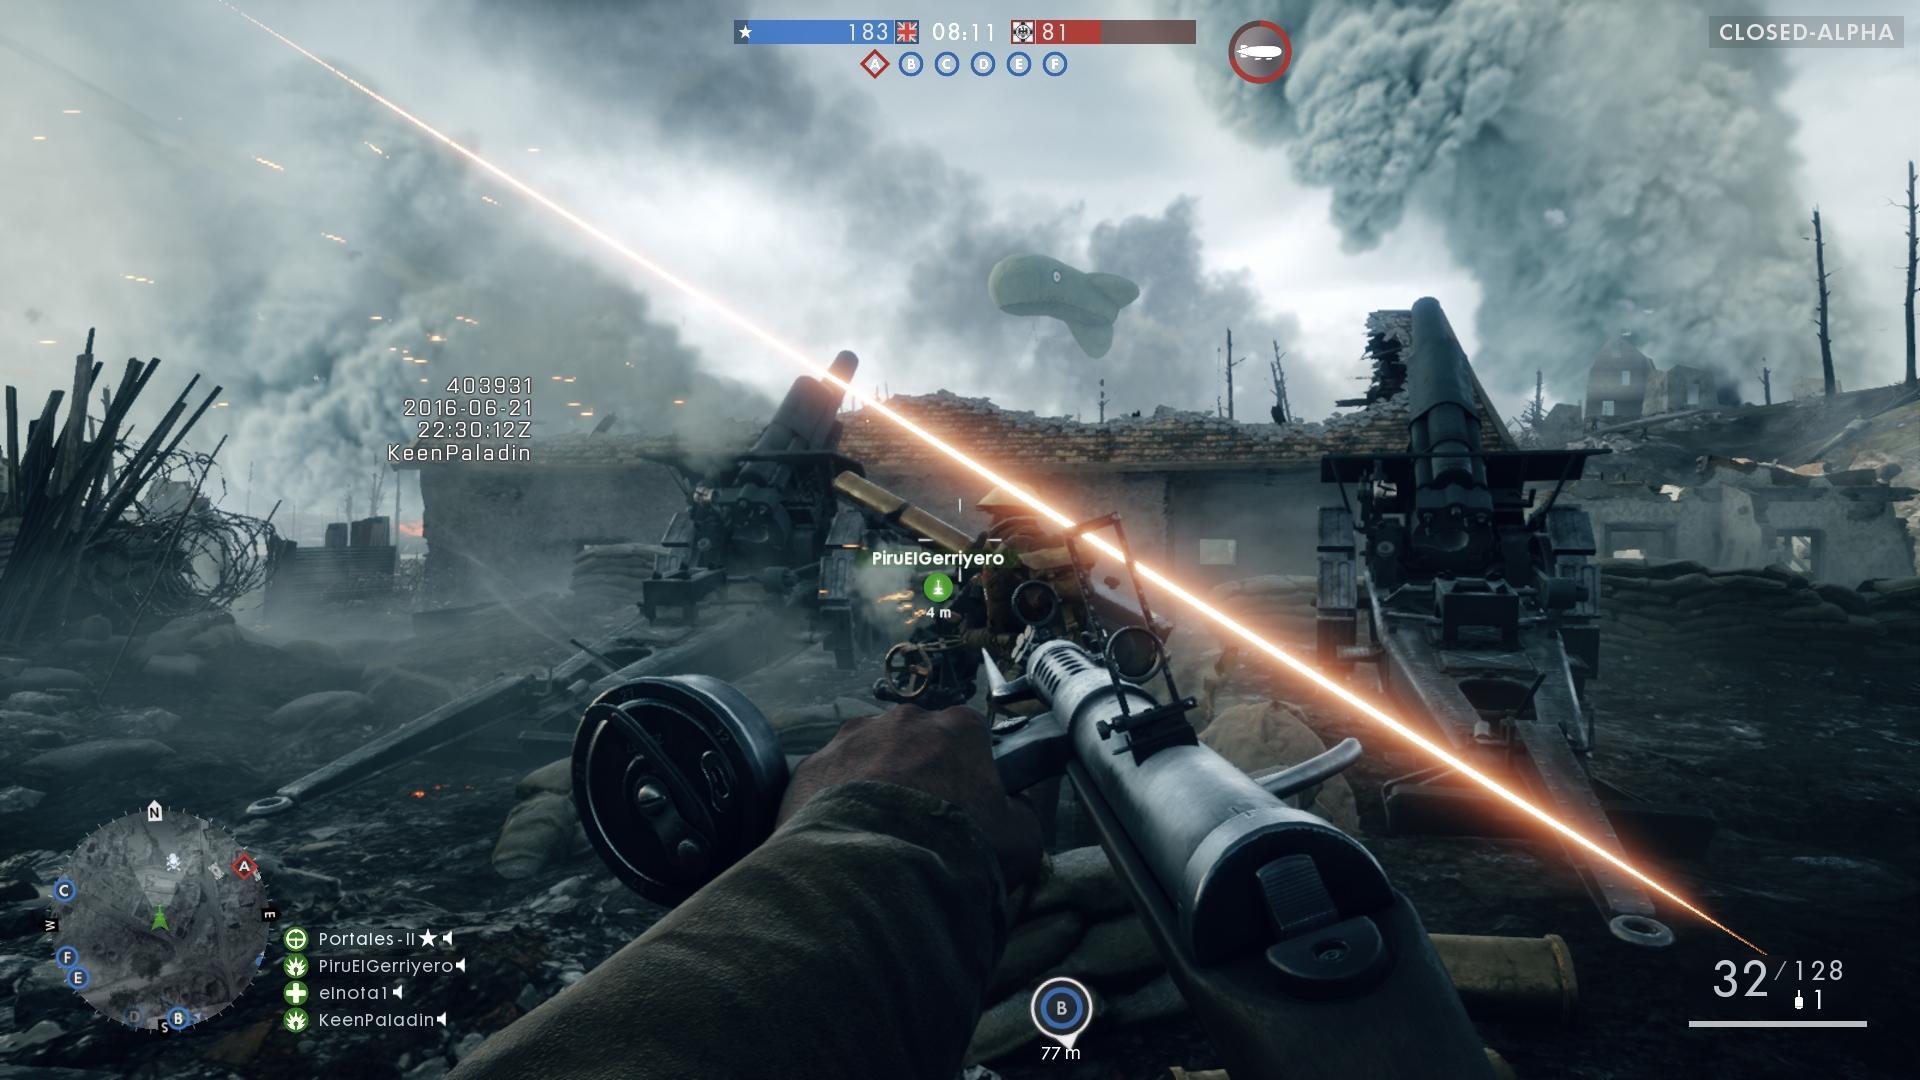 Появилось видео-сравнение геймплея Battlefield 1 на PS4 и PS4 Pro